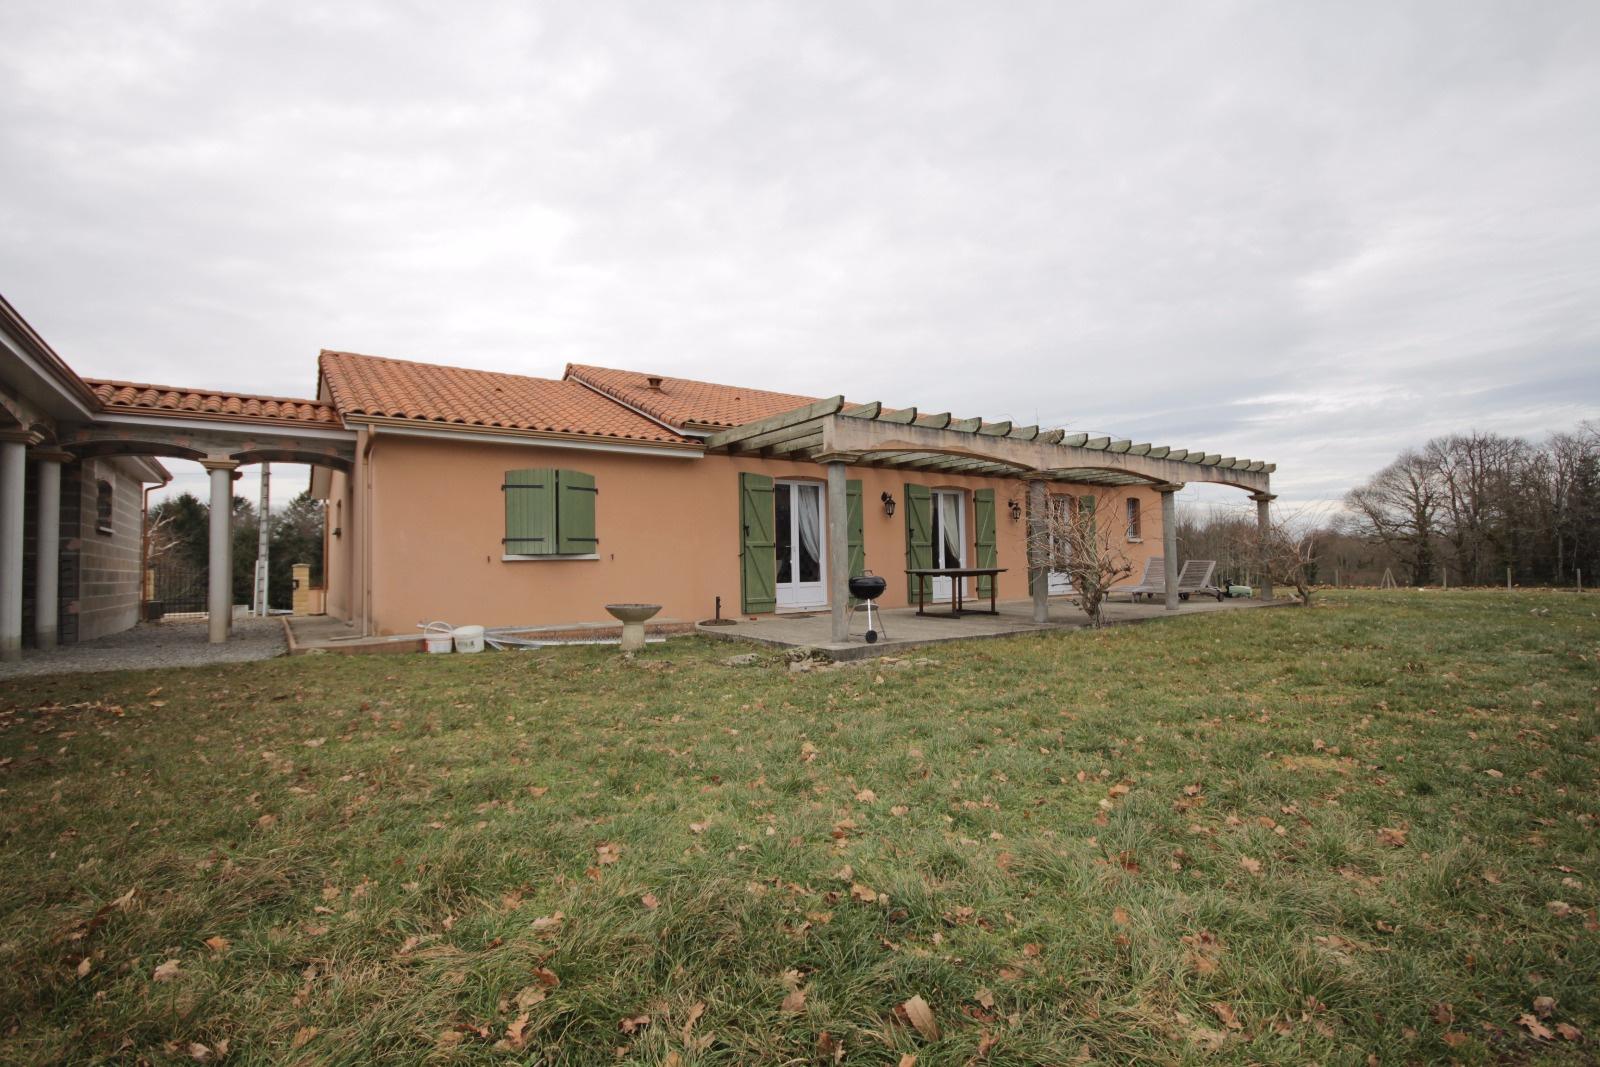 Vente maison de plain de pied avec agrandissement for Agrandissement maison 71